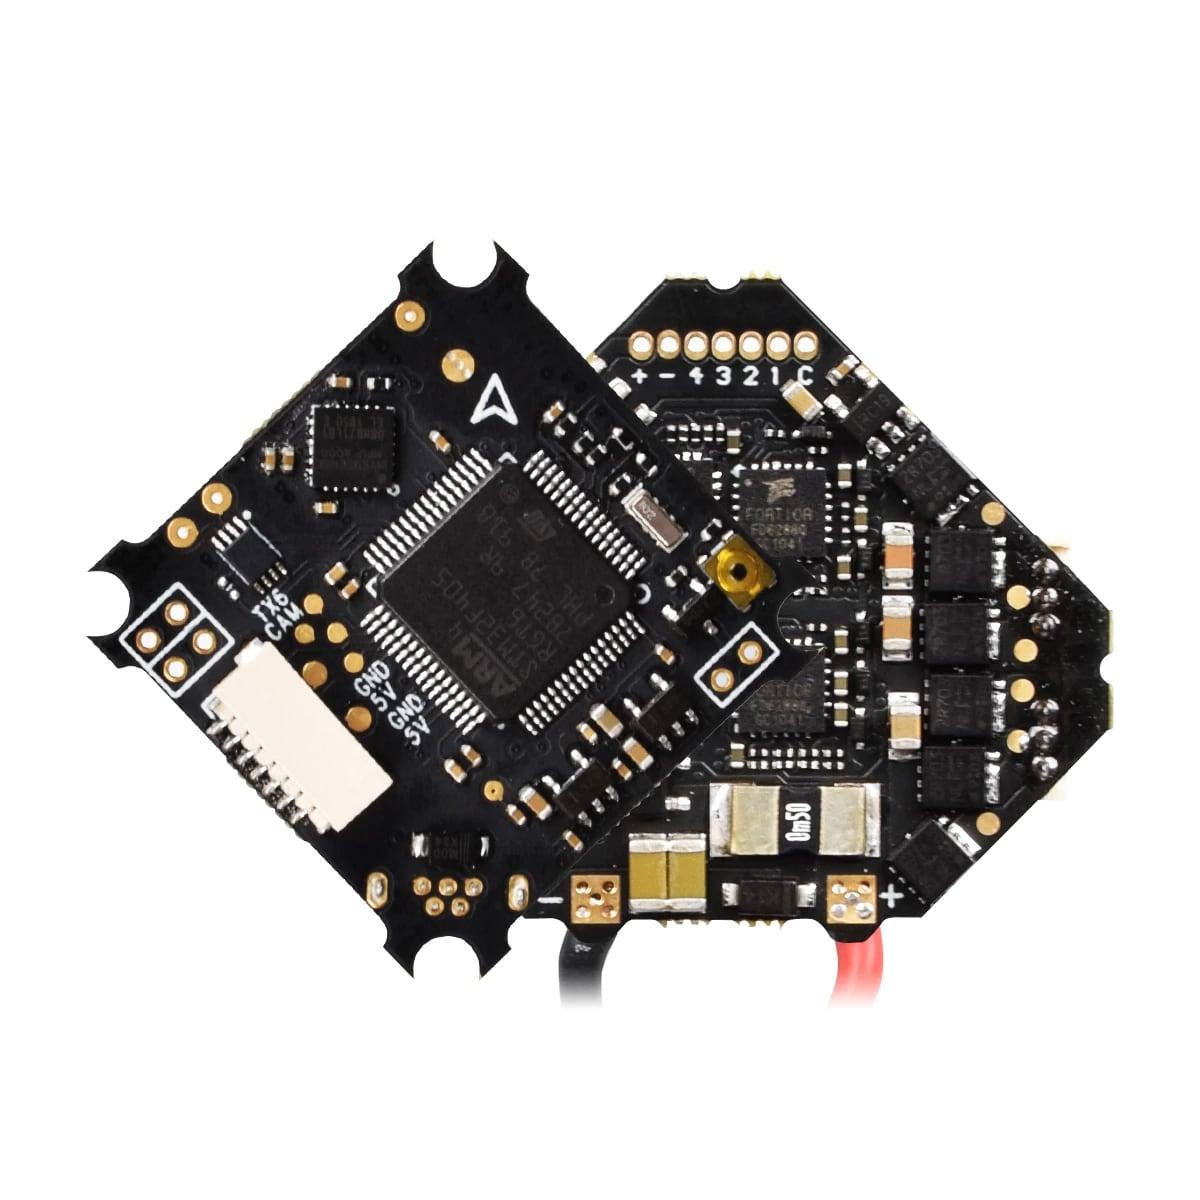 F4 Brushless Flight Controller and ESC V2.0 (BLHeli_32)